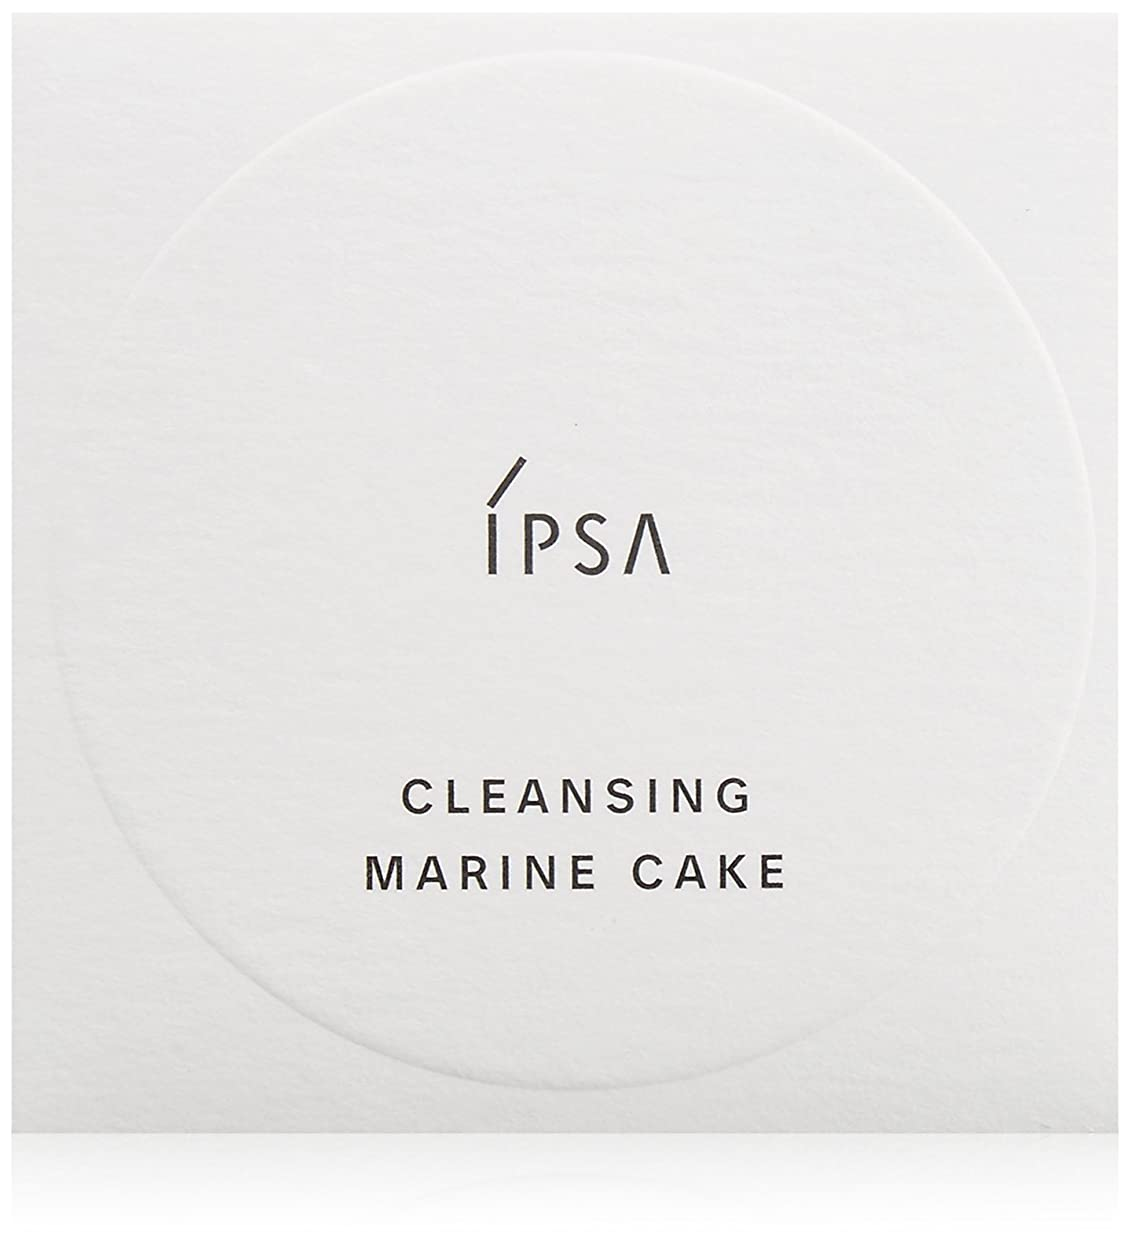 序文メンター想像力イプサ(IPSA) クレンジング マリンケイク